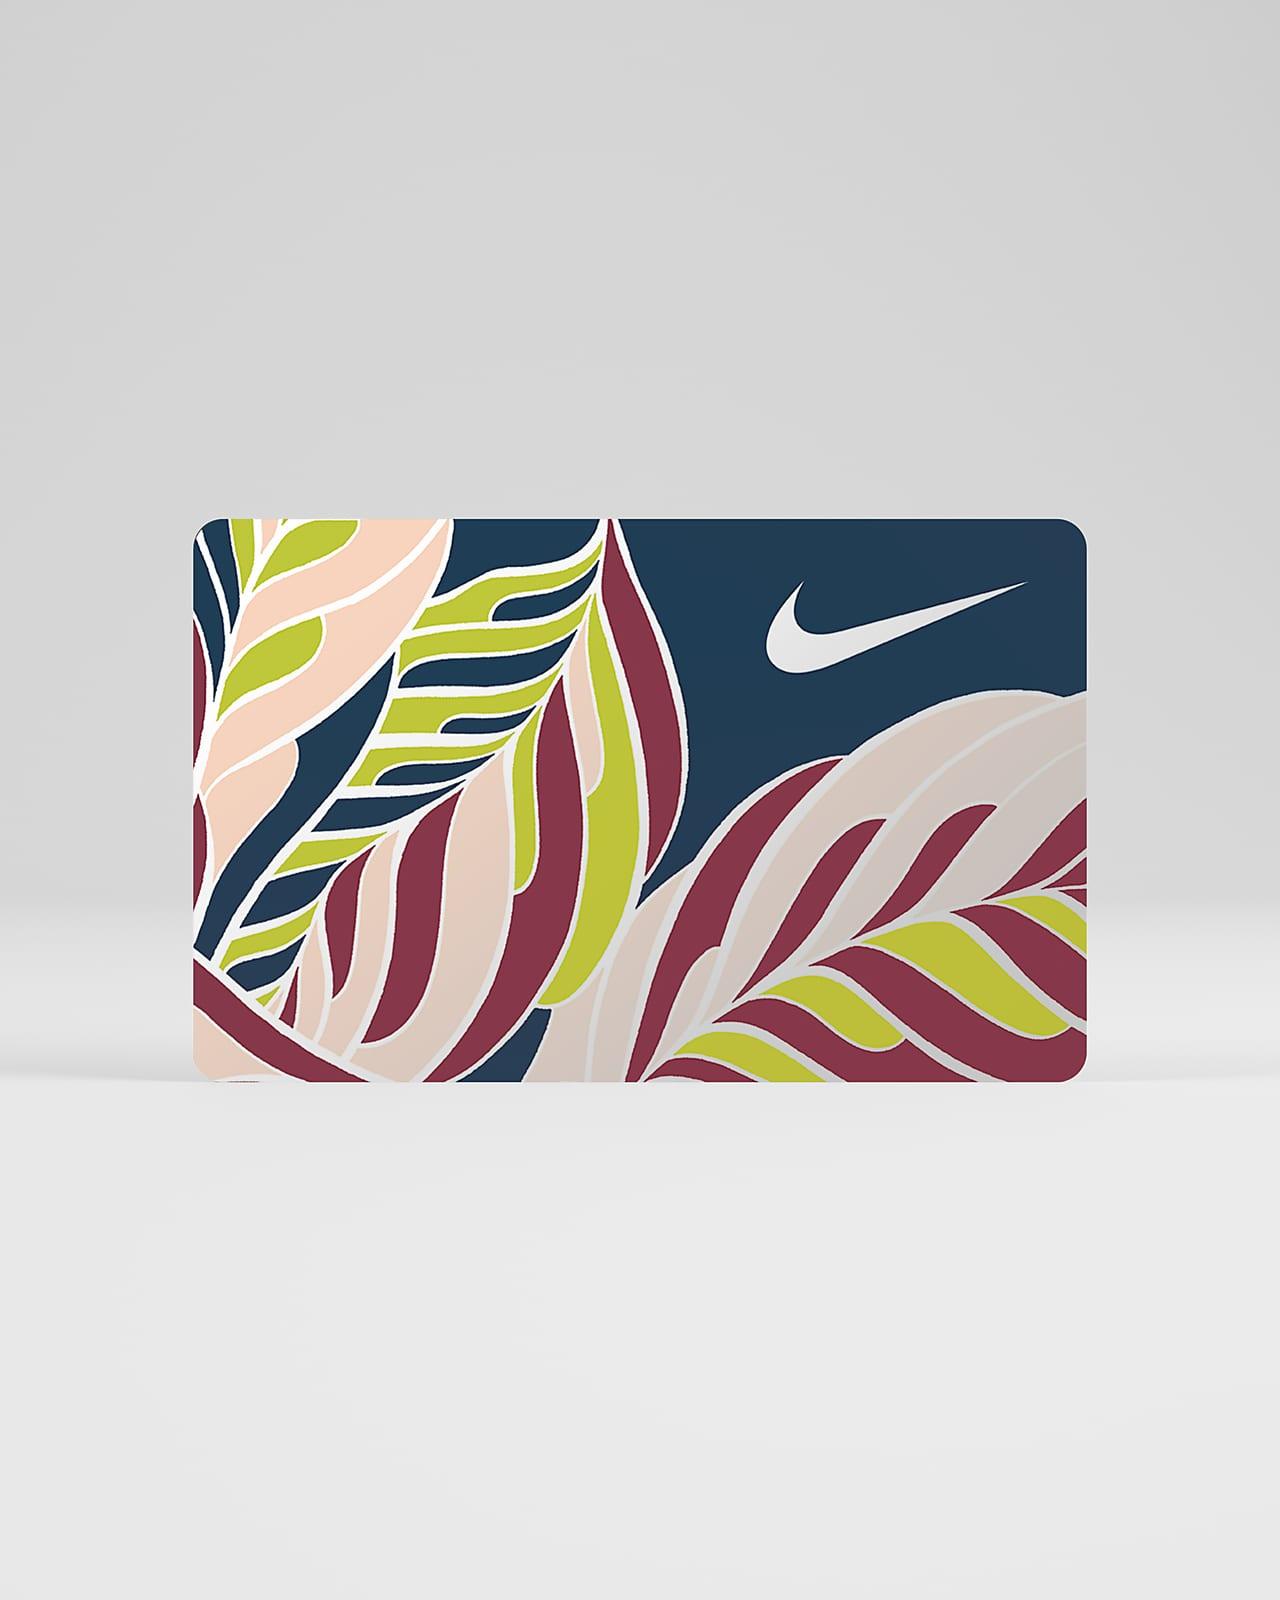 La tarjeta de regalo digital Nike se envía por correo electrónico en 2 horas o menos